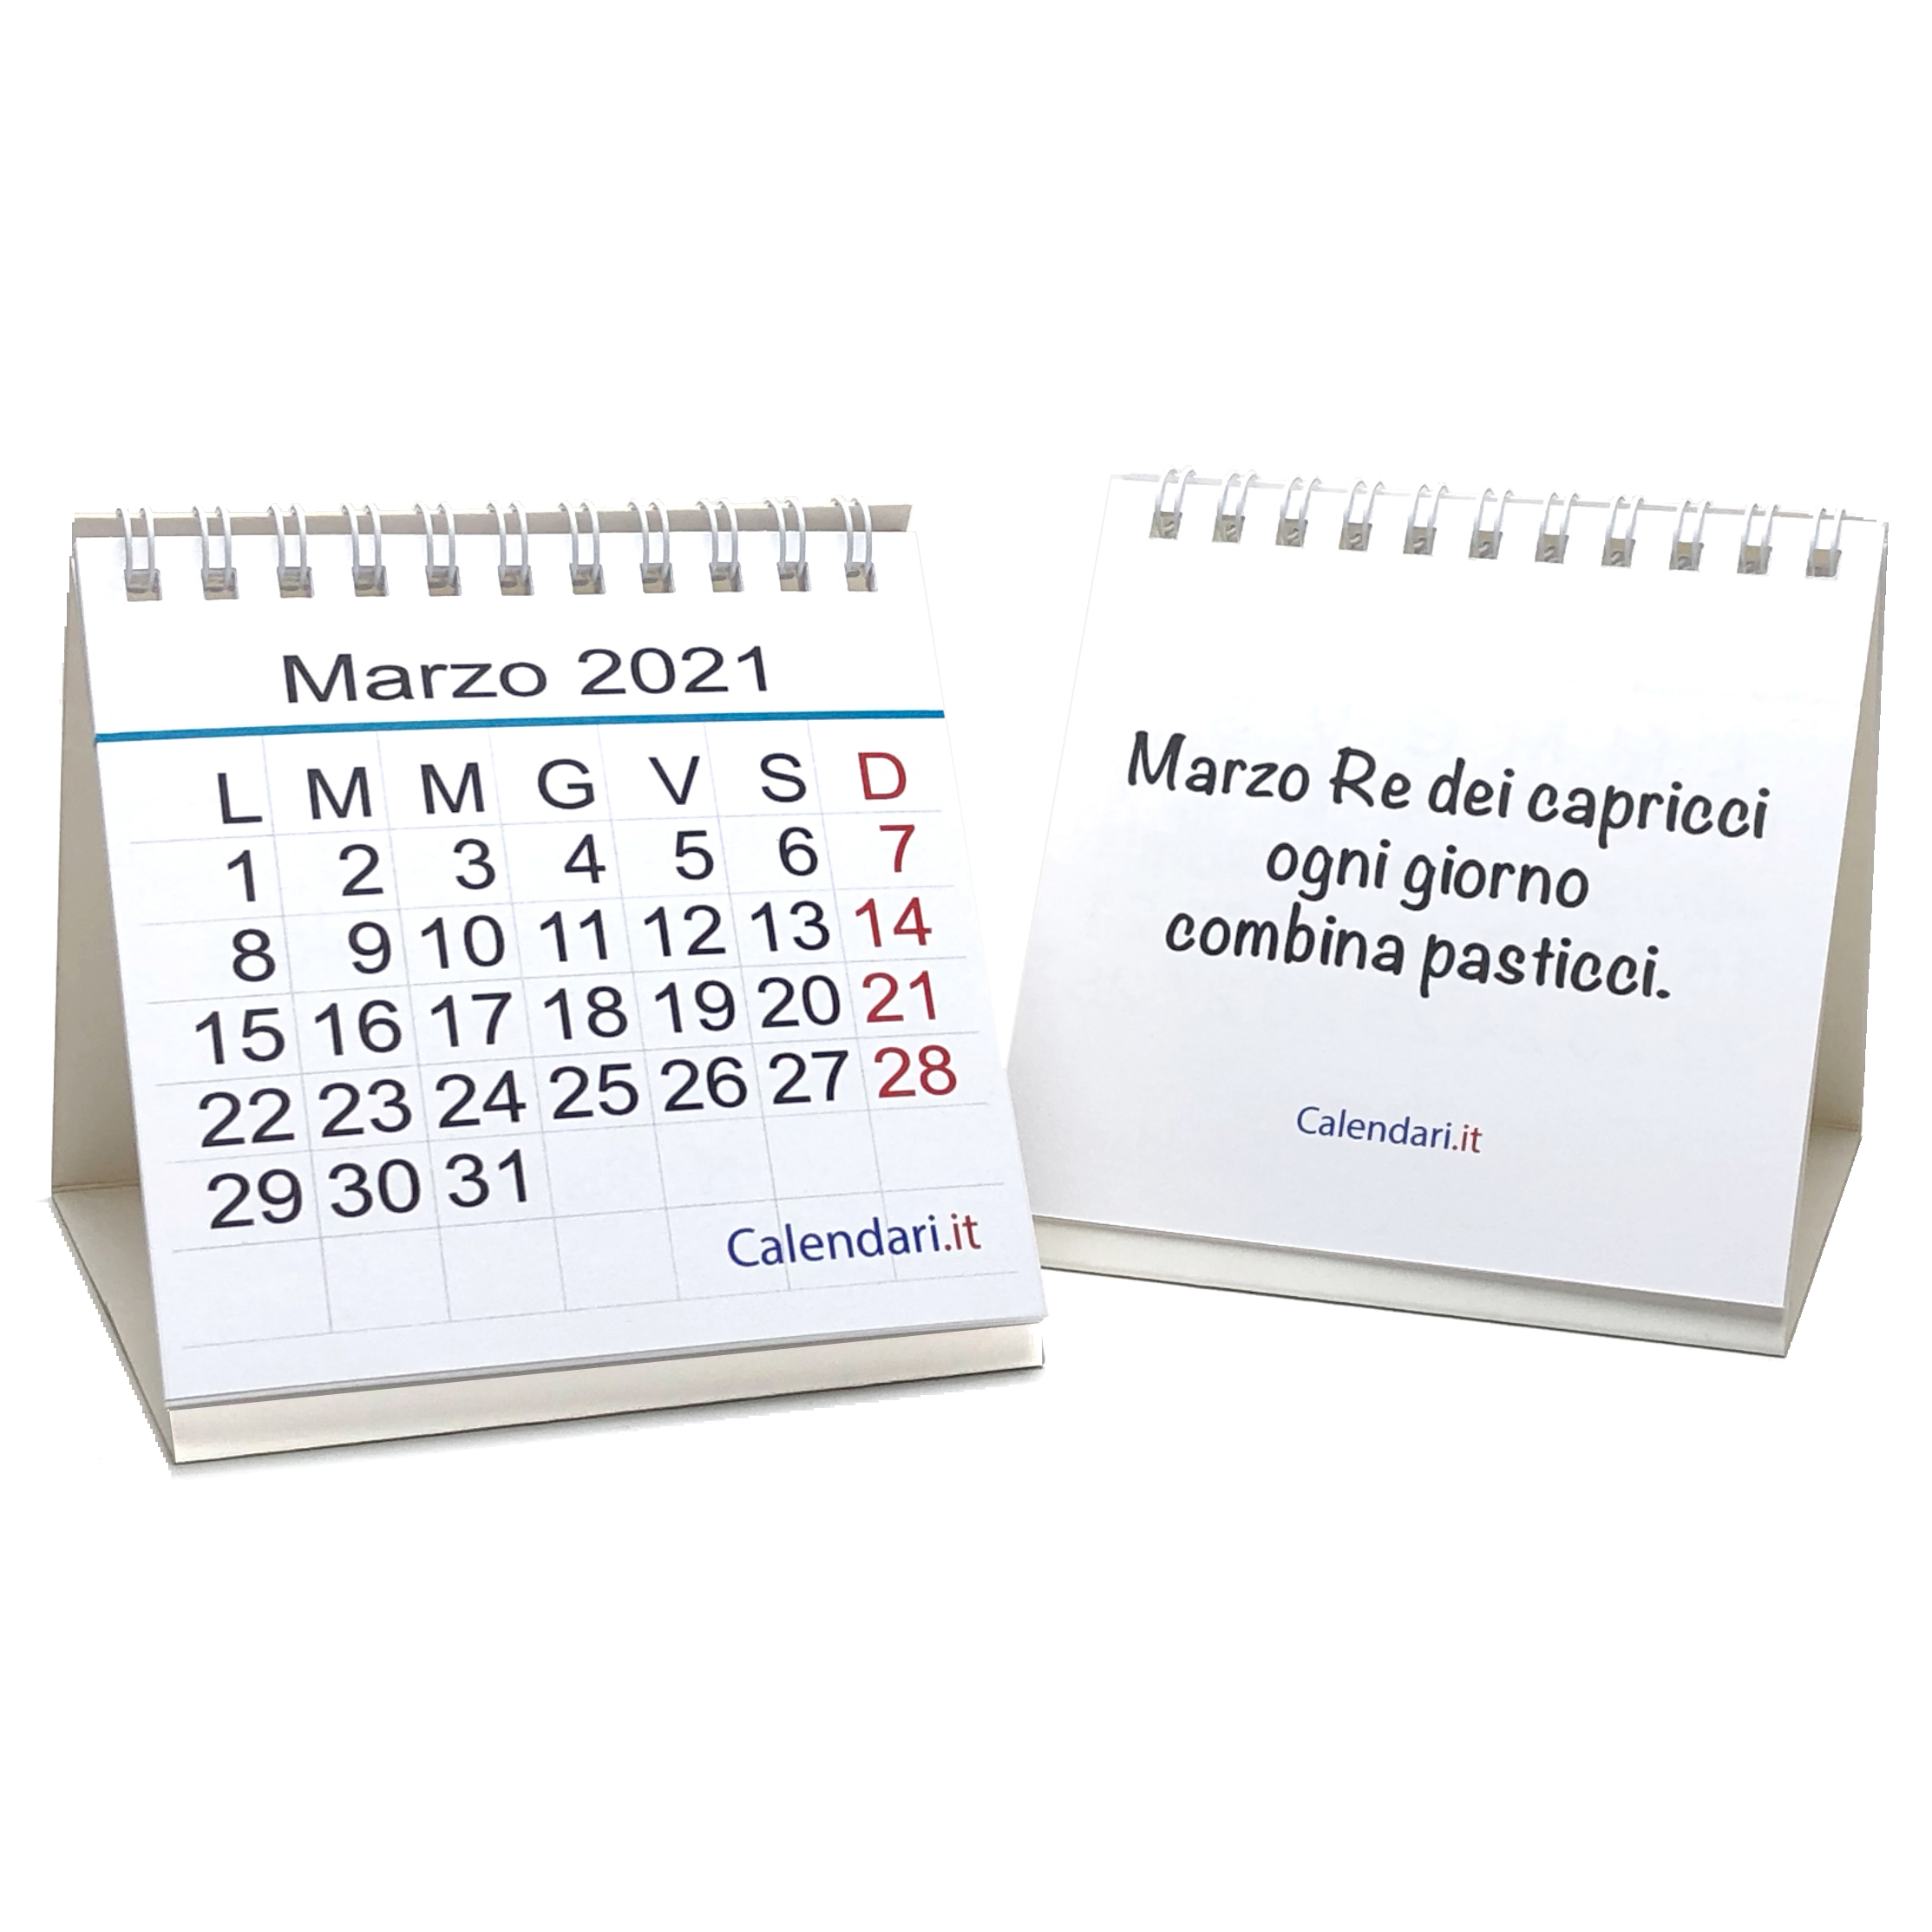 Natale 2021 Calendario.Calendario 2021 Tavolo Mini Con Aforismi 10x10x10 Cm Calendari It Calendari 2021 Calendario 2021 Planner Agende Settimanali Famiglia Da Tavolo